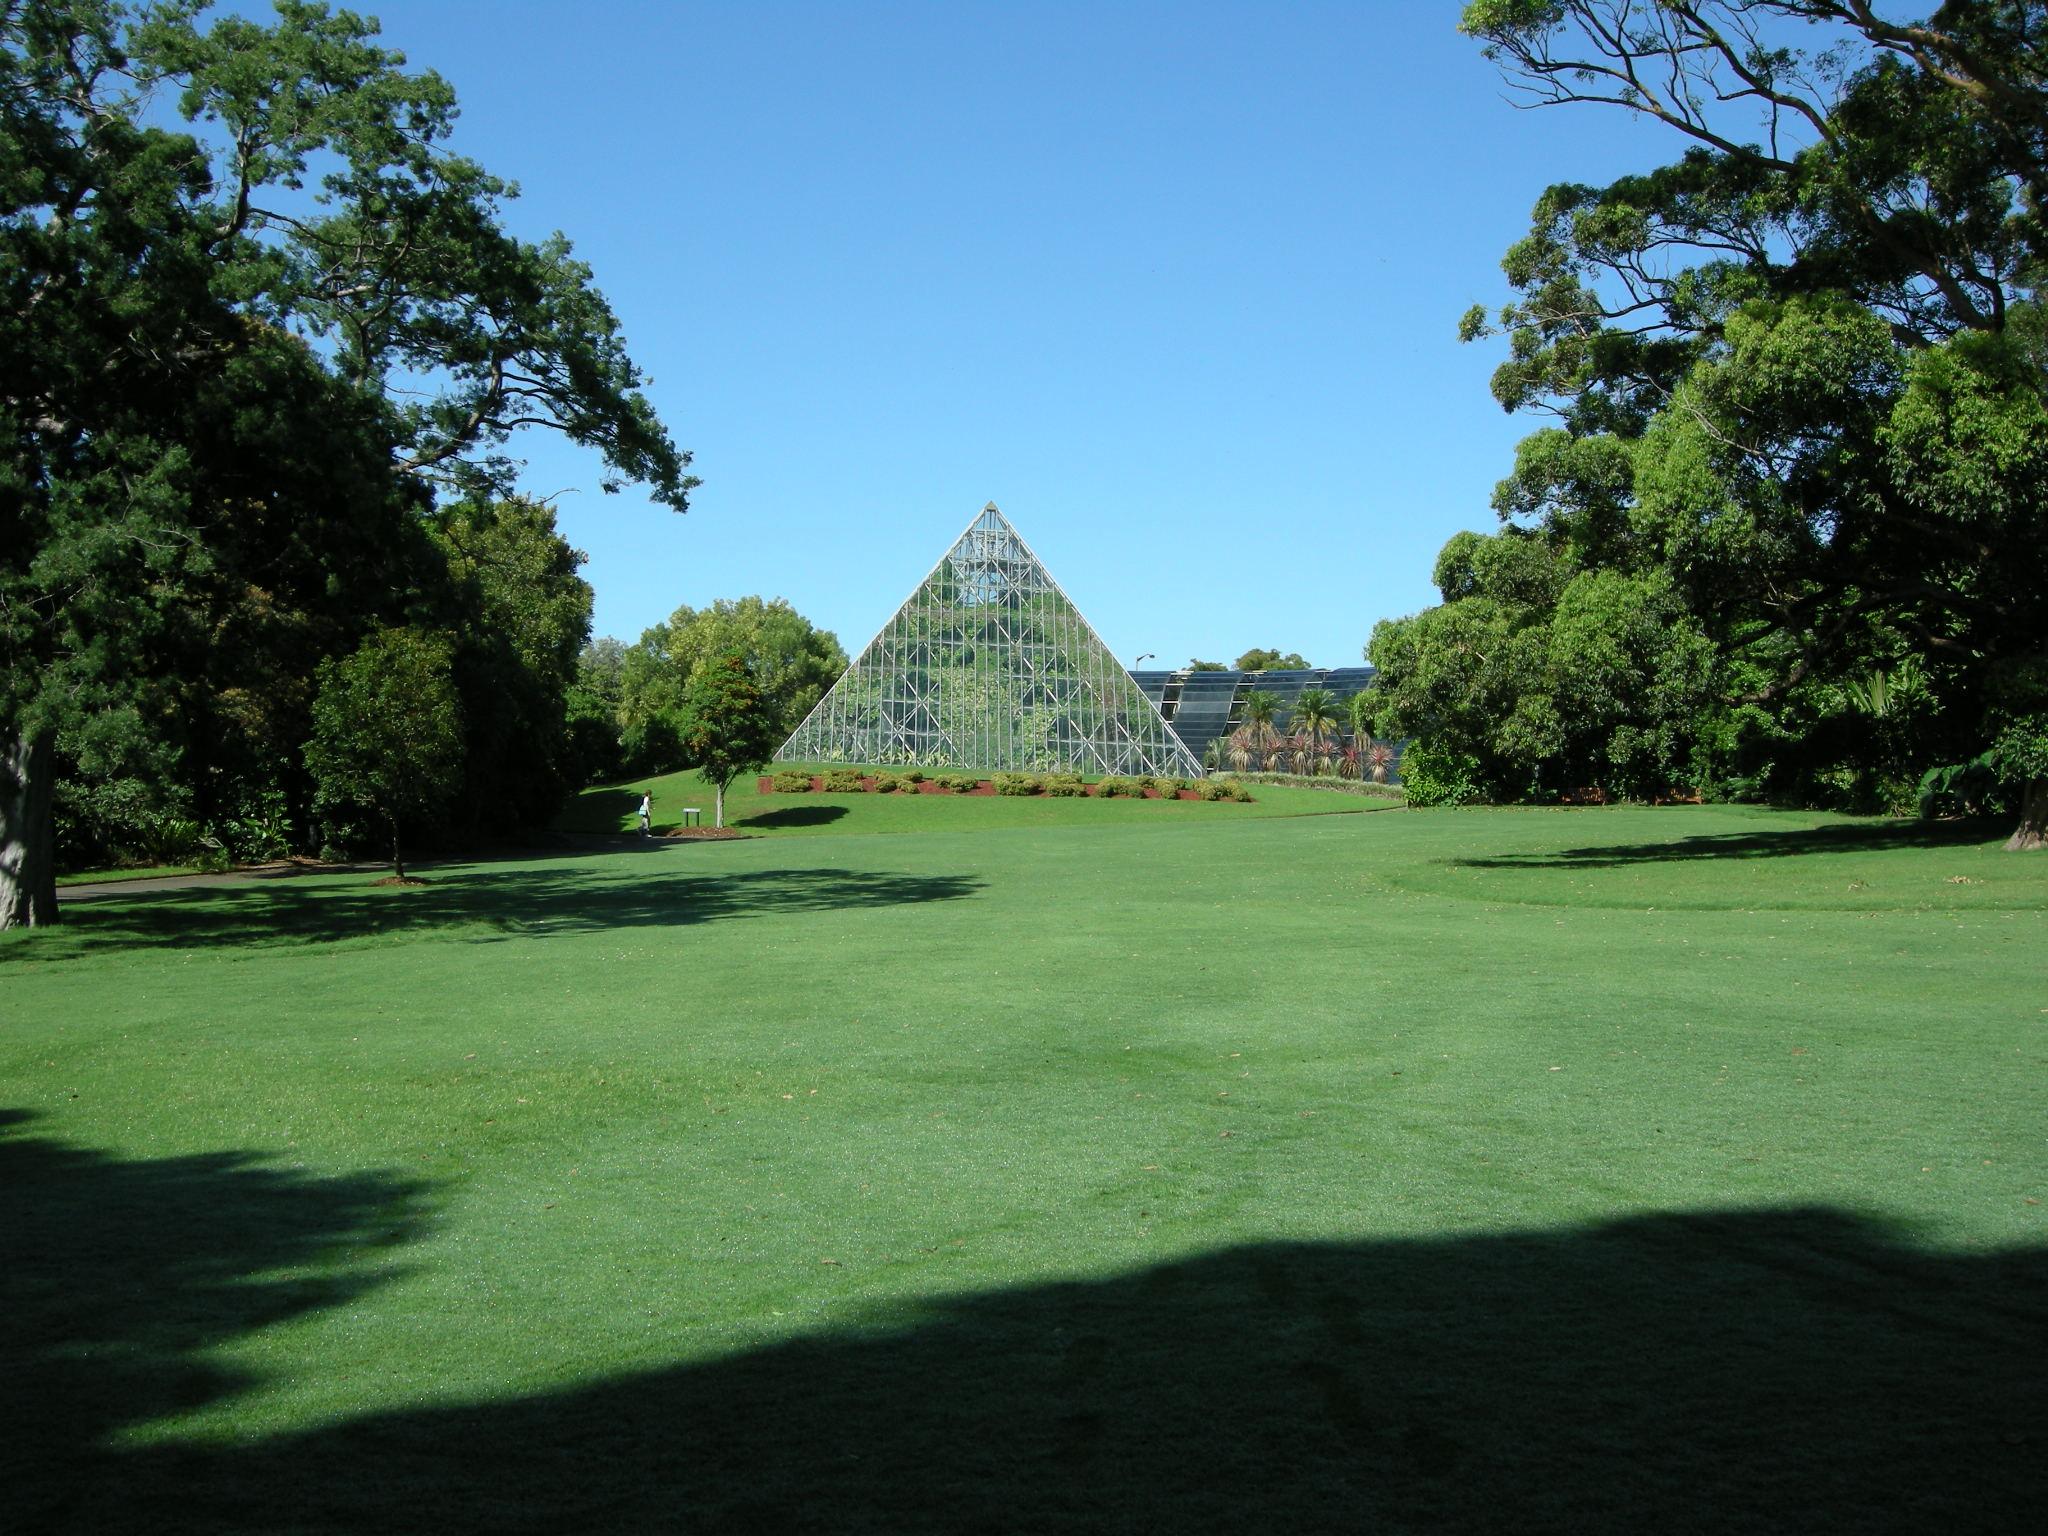 Royal_Botanic_Gardens,_Sydney_10